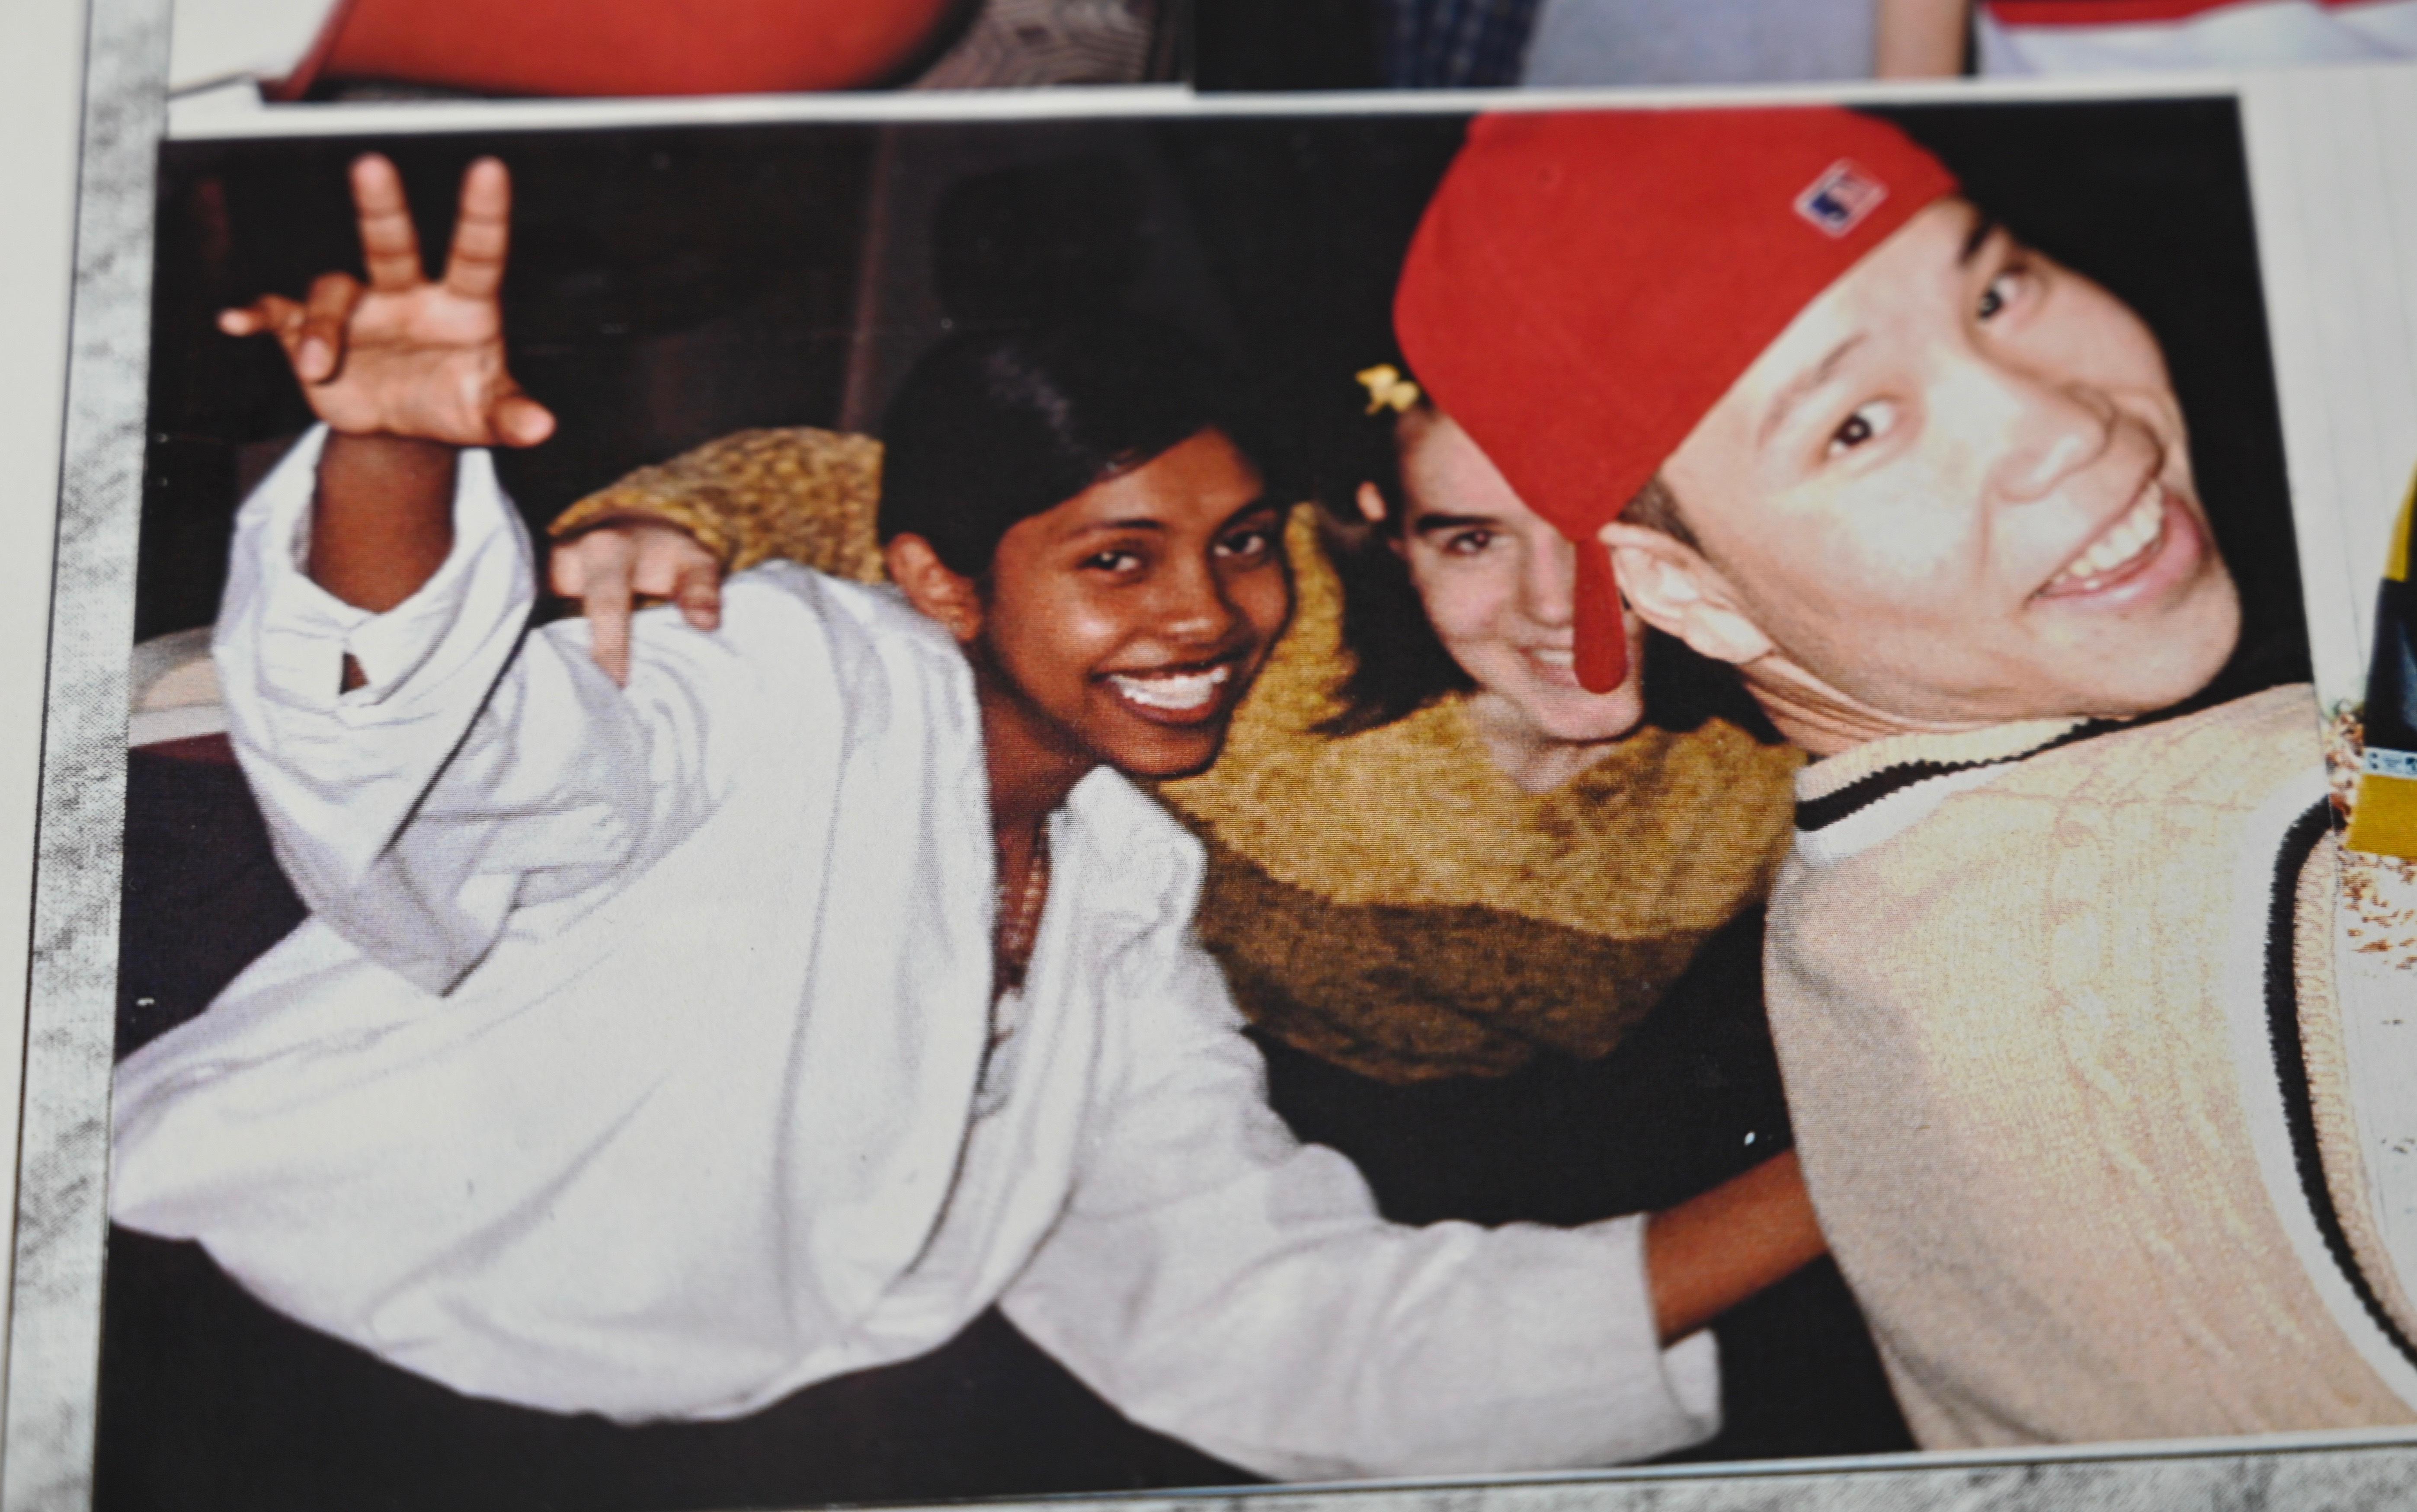 சர்மினி, இடது புறம், இரண்டு நண்பர்களுடன் பாடசாலை yearbook இல் இருக்கிறார். (CBC)